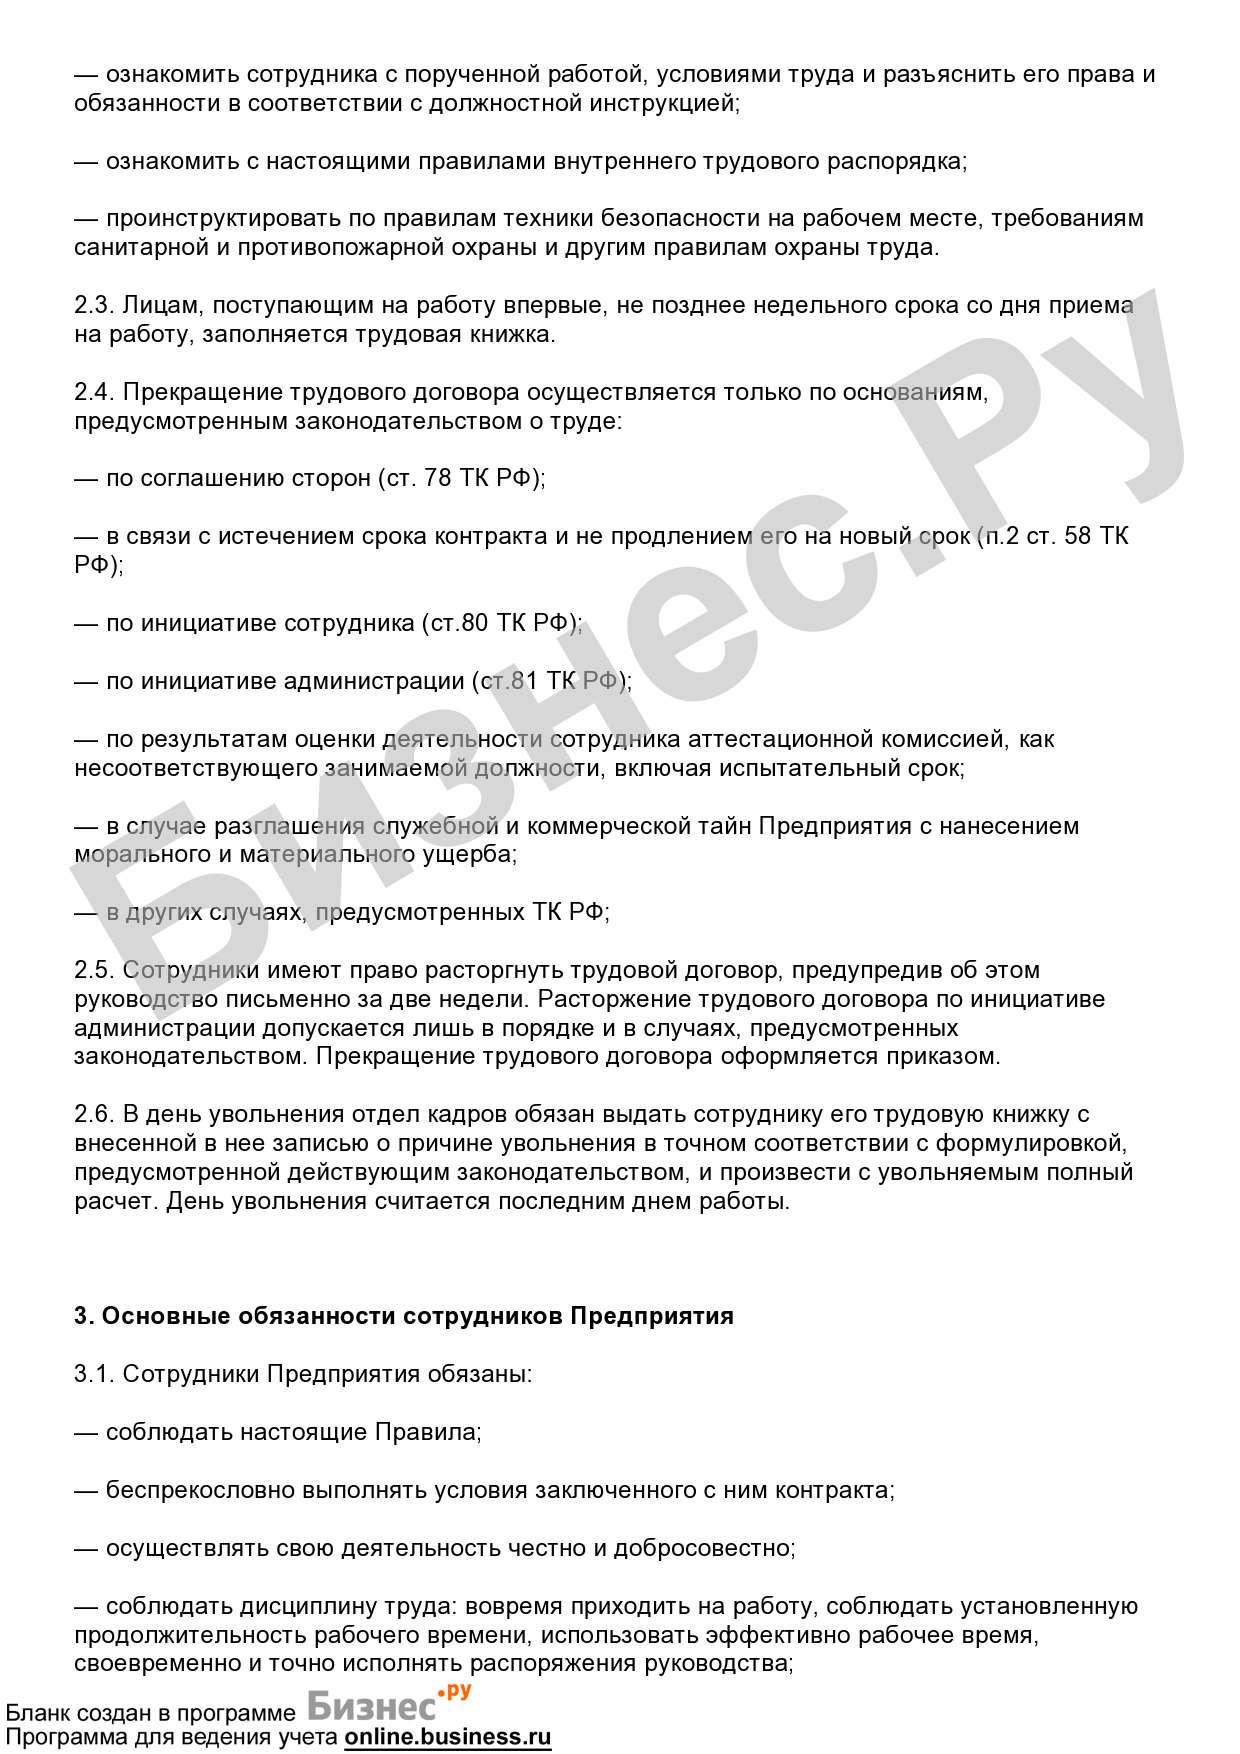 правила внутреннего трудового распорядка образец организации